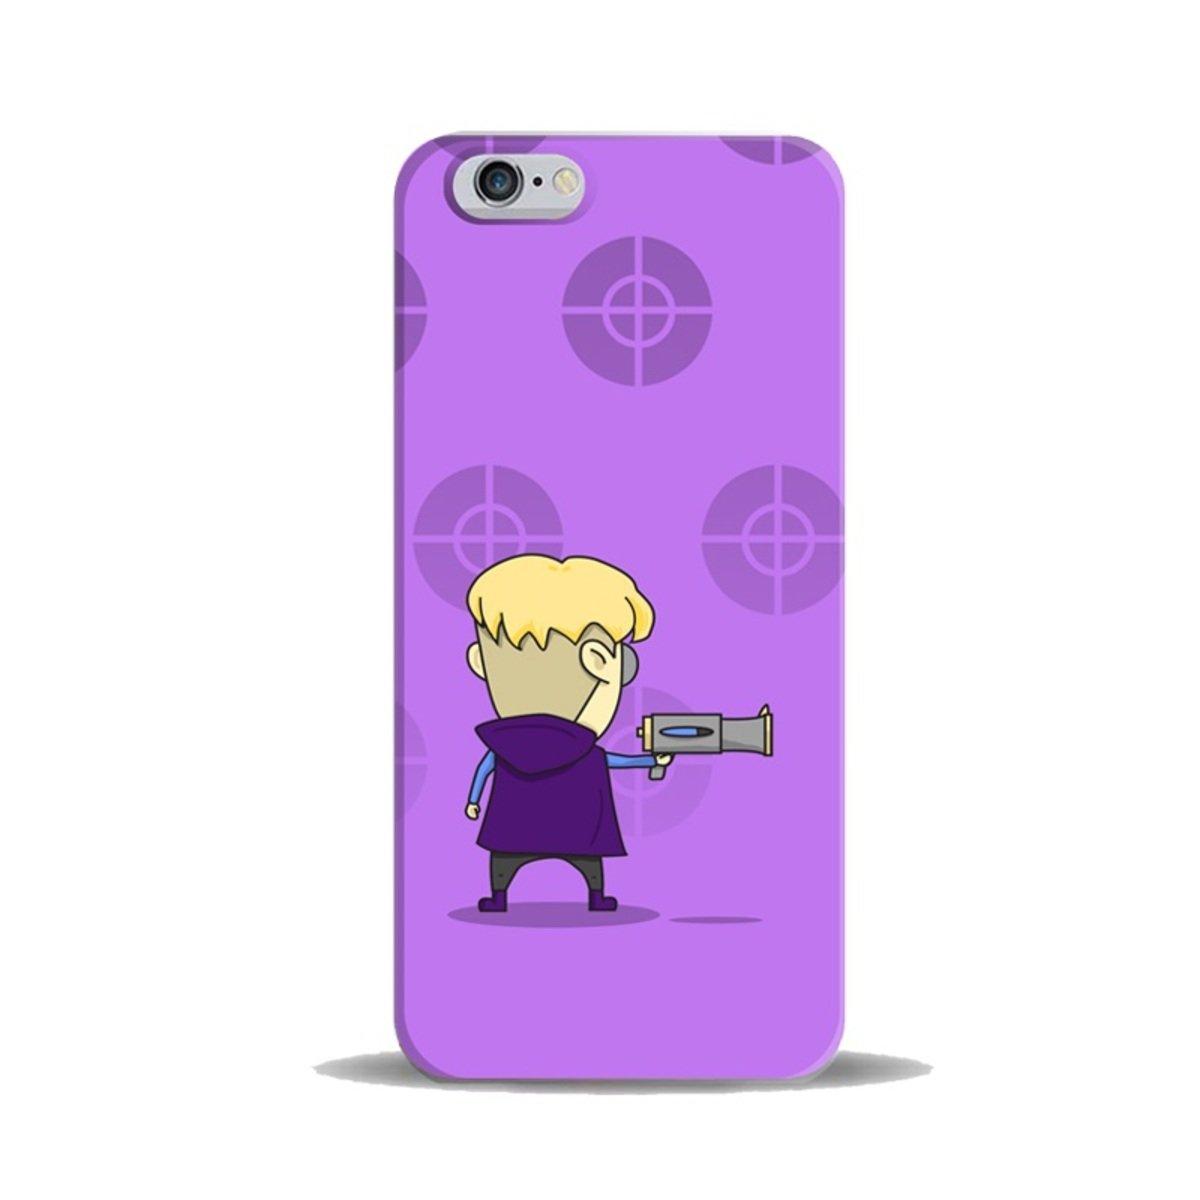 """iPhase - iPhone 6 (4.7"""") 手機膠殼電話保護套 4.7寸 (Dick) (另有適合iPhone 6 Plus 5.5寸型號)"""